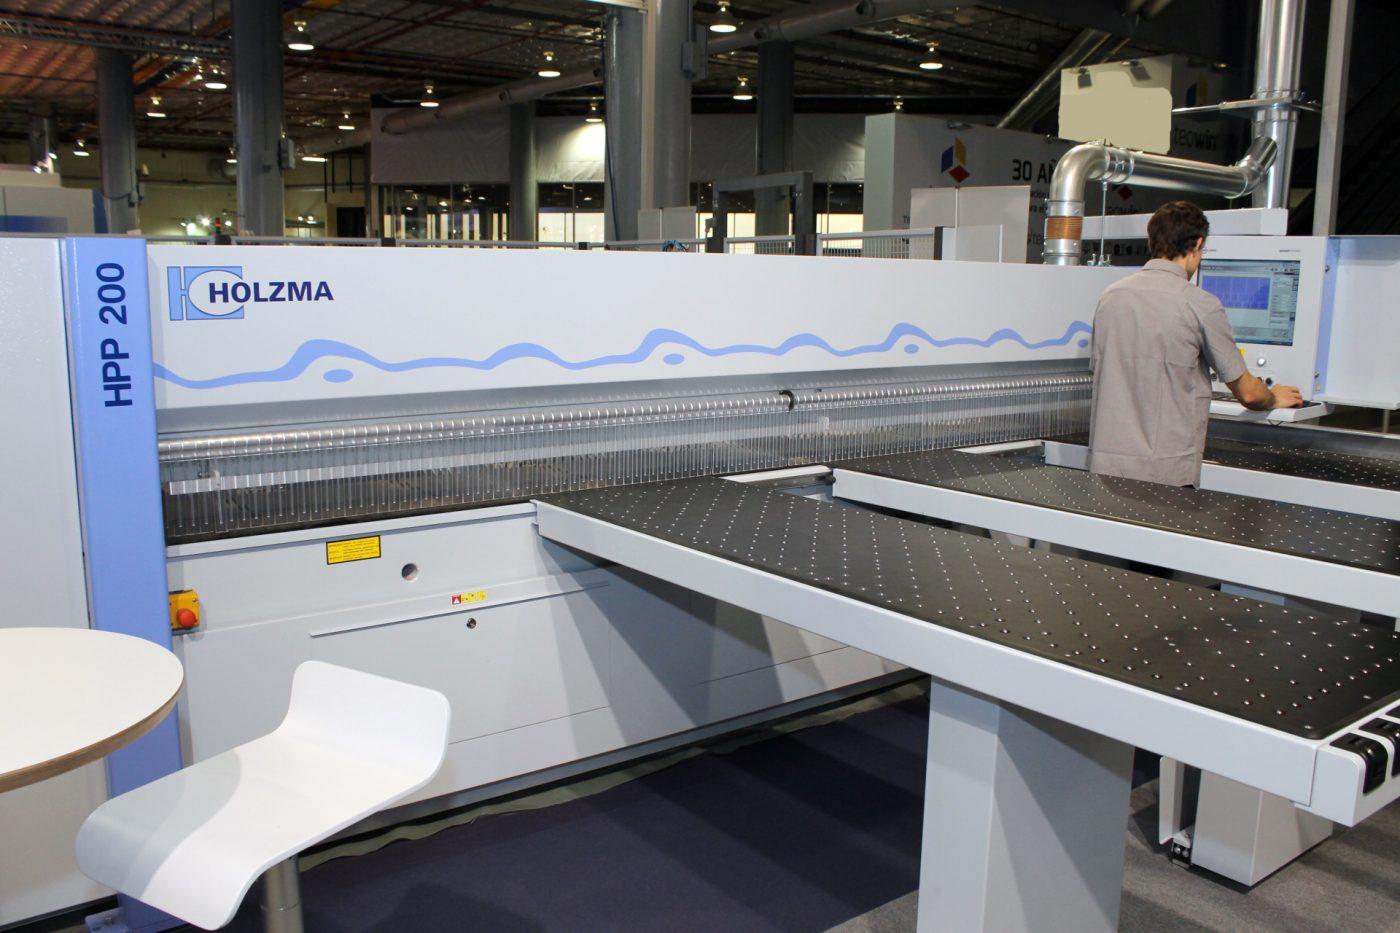 Nueva seccionadora HPP 200, de HOLZMA